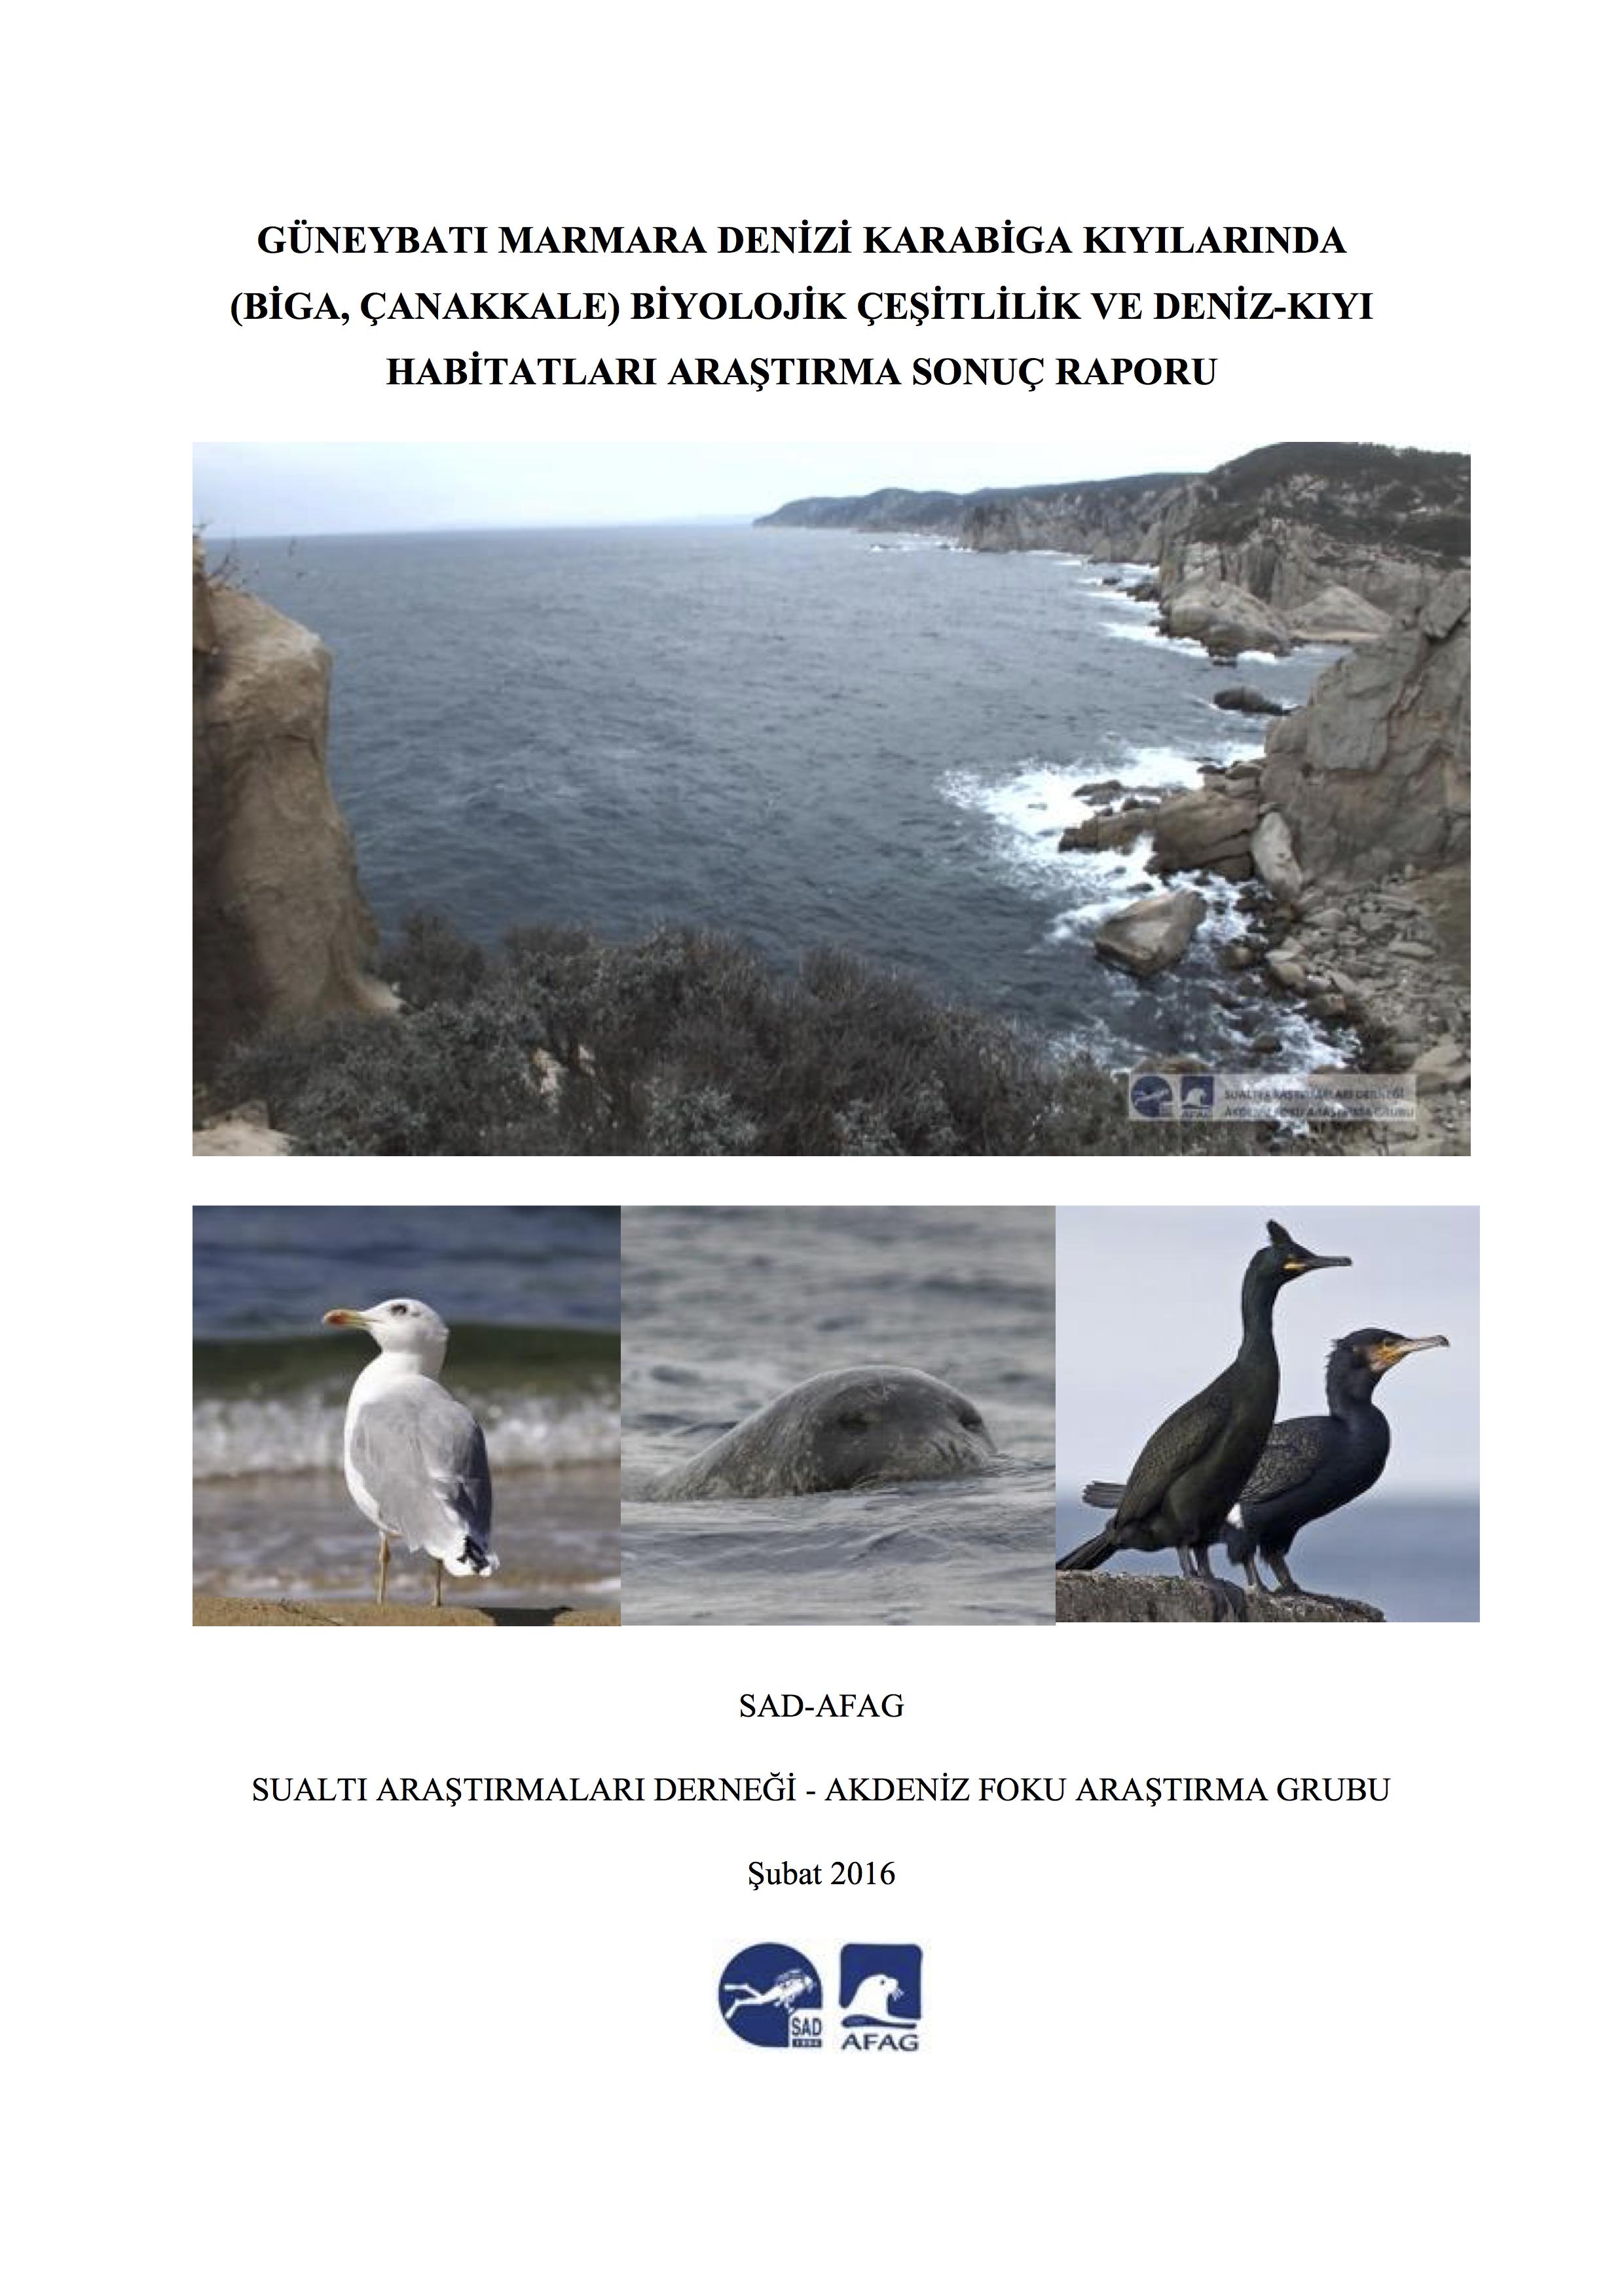 marmara-karabiga-kiyi-deniz-habitat-arastirmalari-raporu-sad-afag-subat-2016-dr_cok-hg-nov-23-6-2016